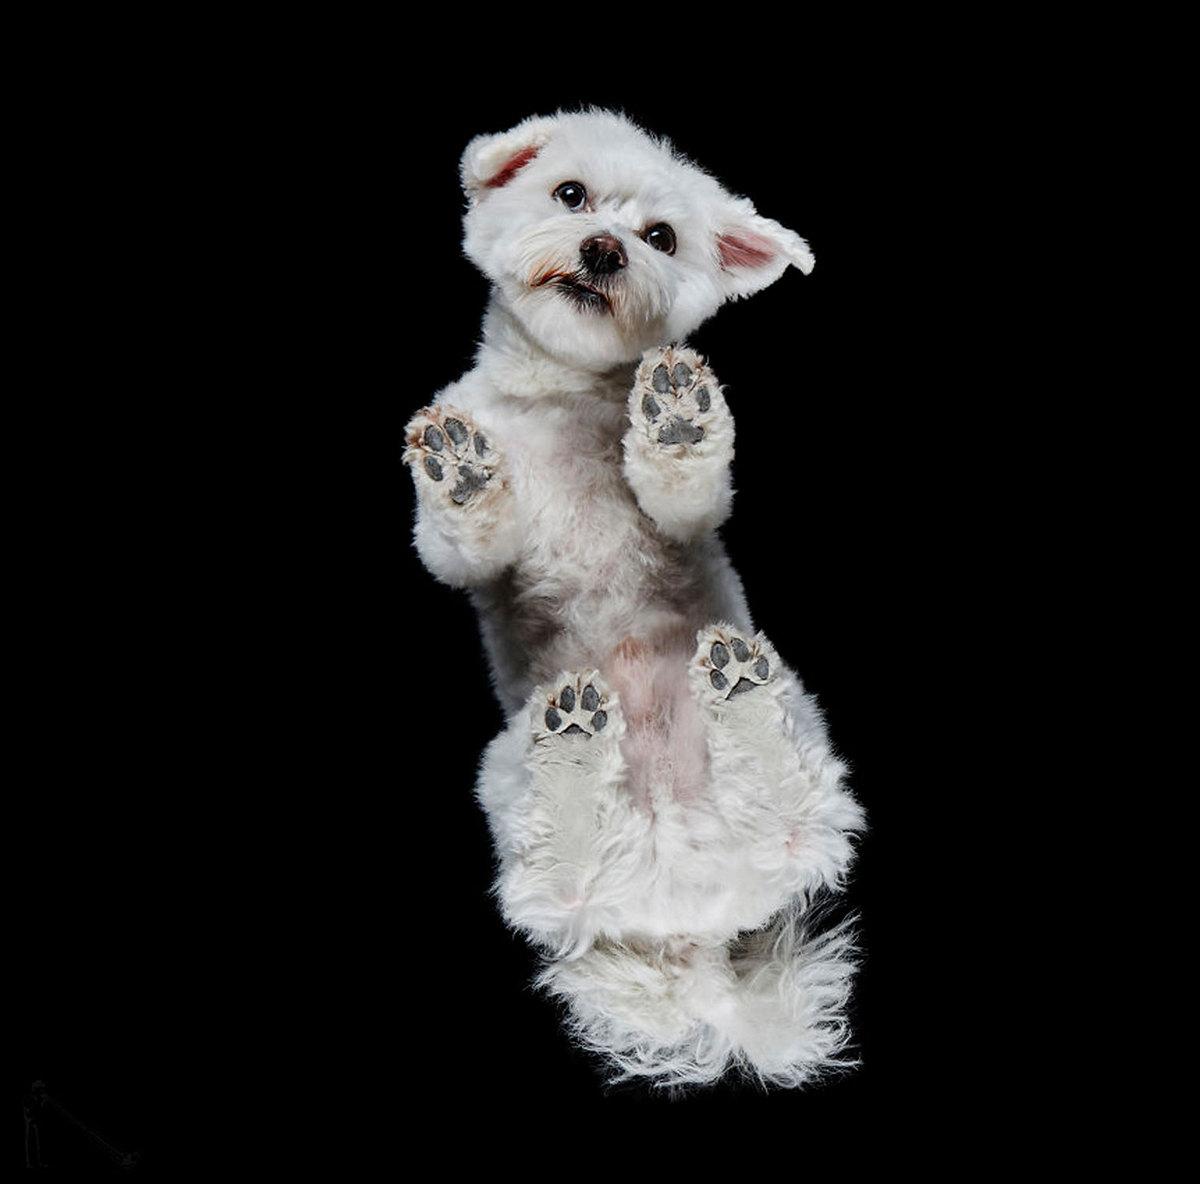 «Взгляд снизу»: чудные фотографии животных в проекте Андриуса Бурбы 8